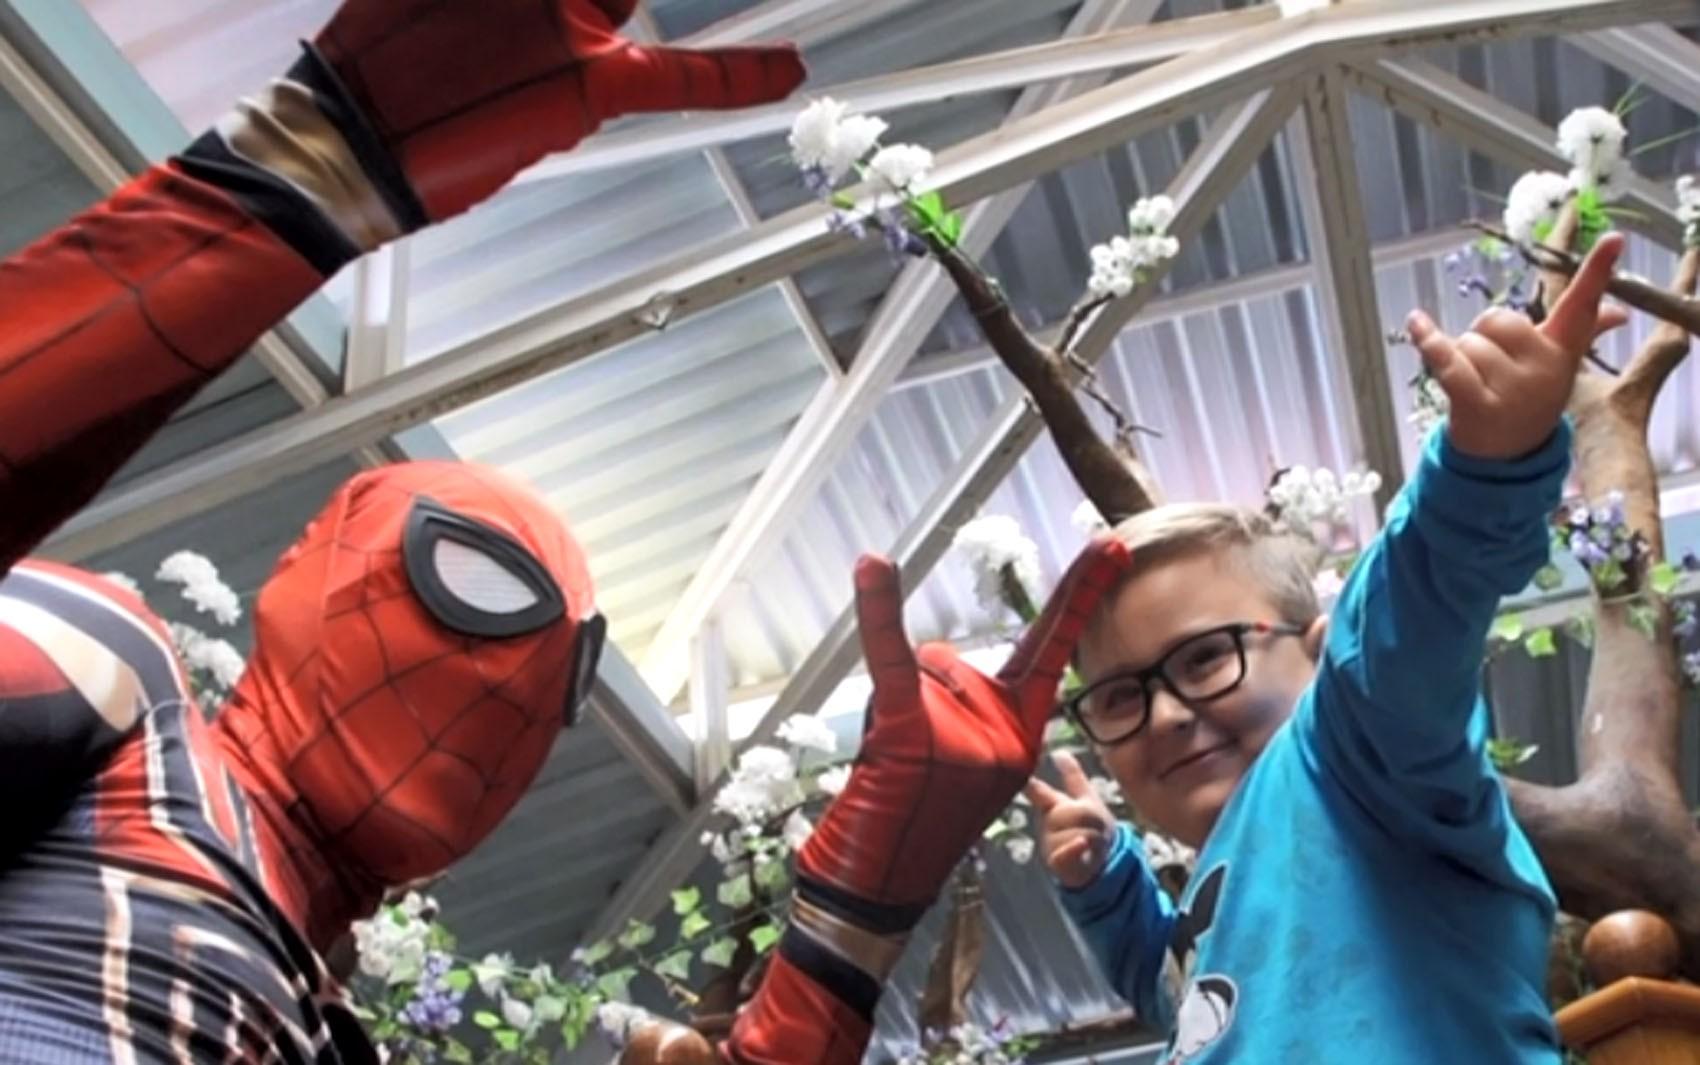 Super-heróis voluntários levam força e esperança para crianças com câncer do hospital Boldrini em Campinas - Noticias